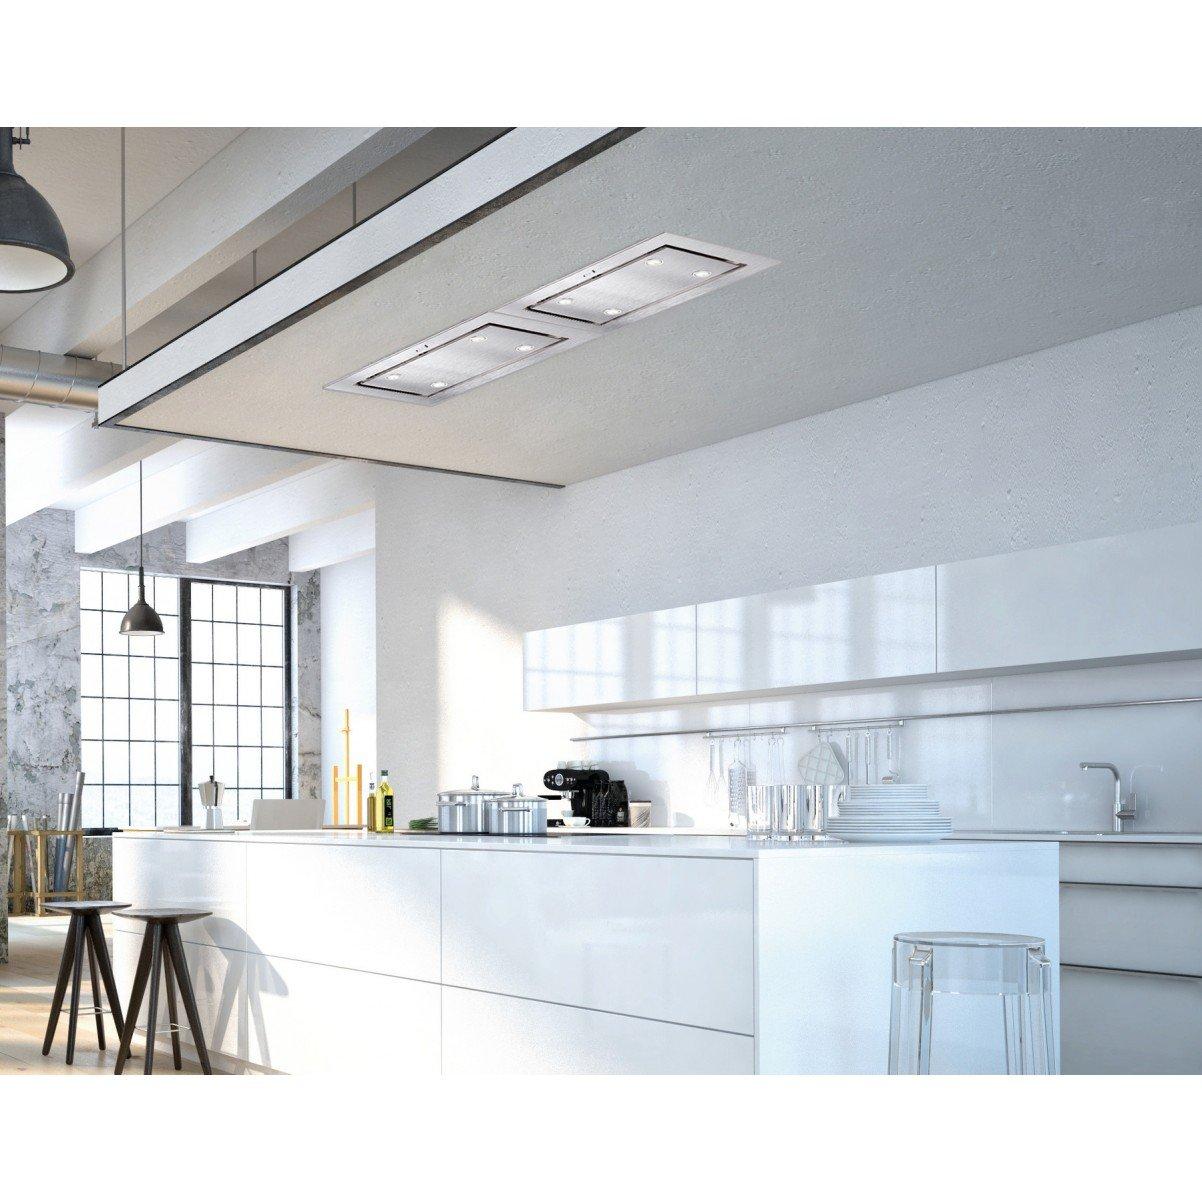 Tak-integrerad köksfläkt LYXOR  vit glas 96cm/120cm